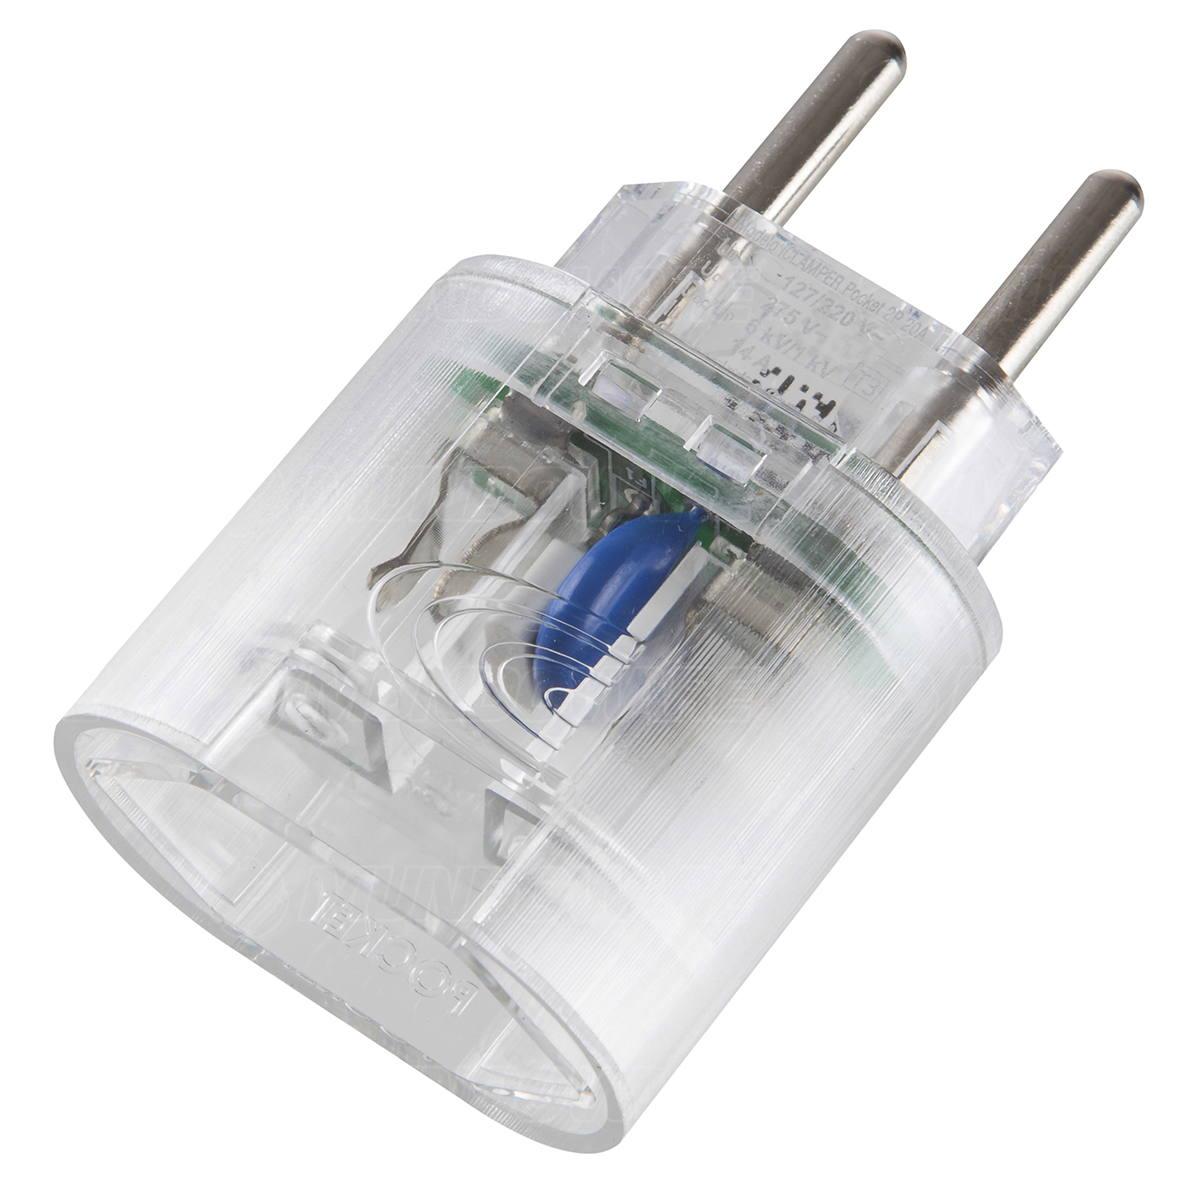 DPS 2 pinos 20A Bivolt iClamper Pocket 2P Transparente Proteção Contra Raios e Surtos mesmo em ambientes sem aterramento